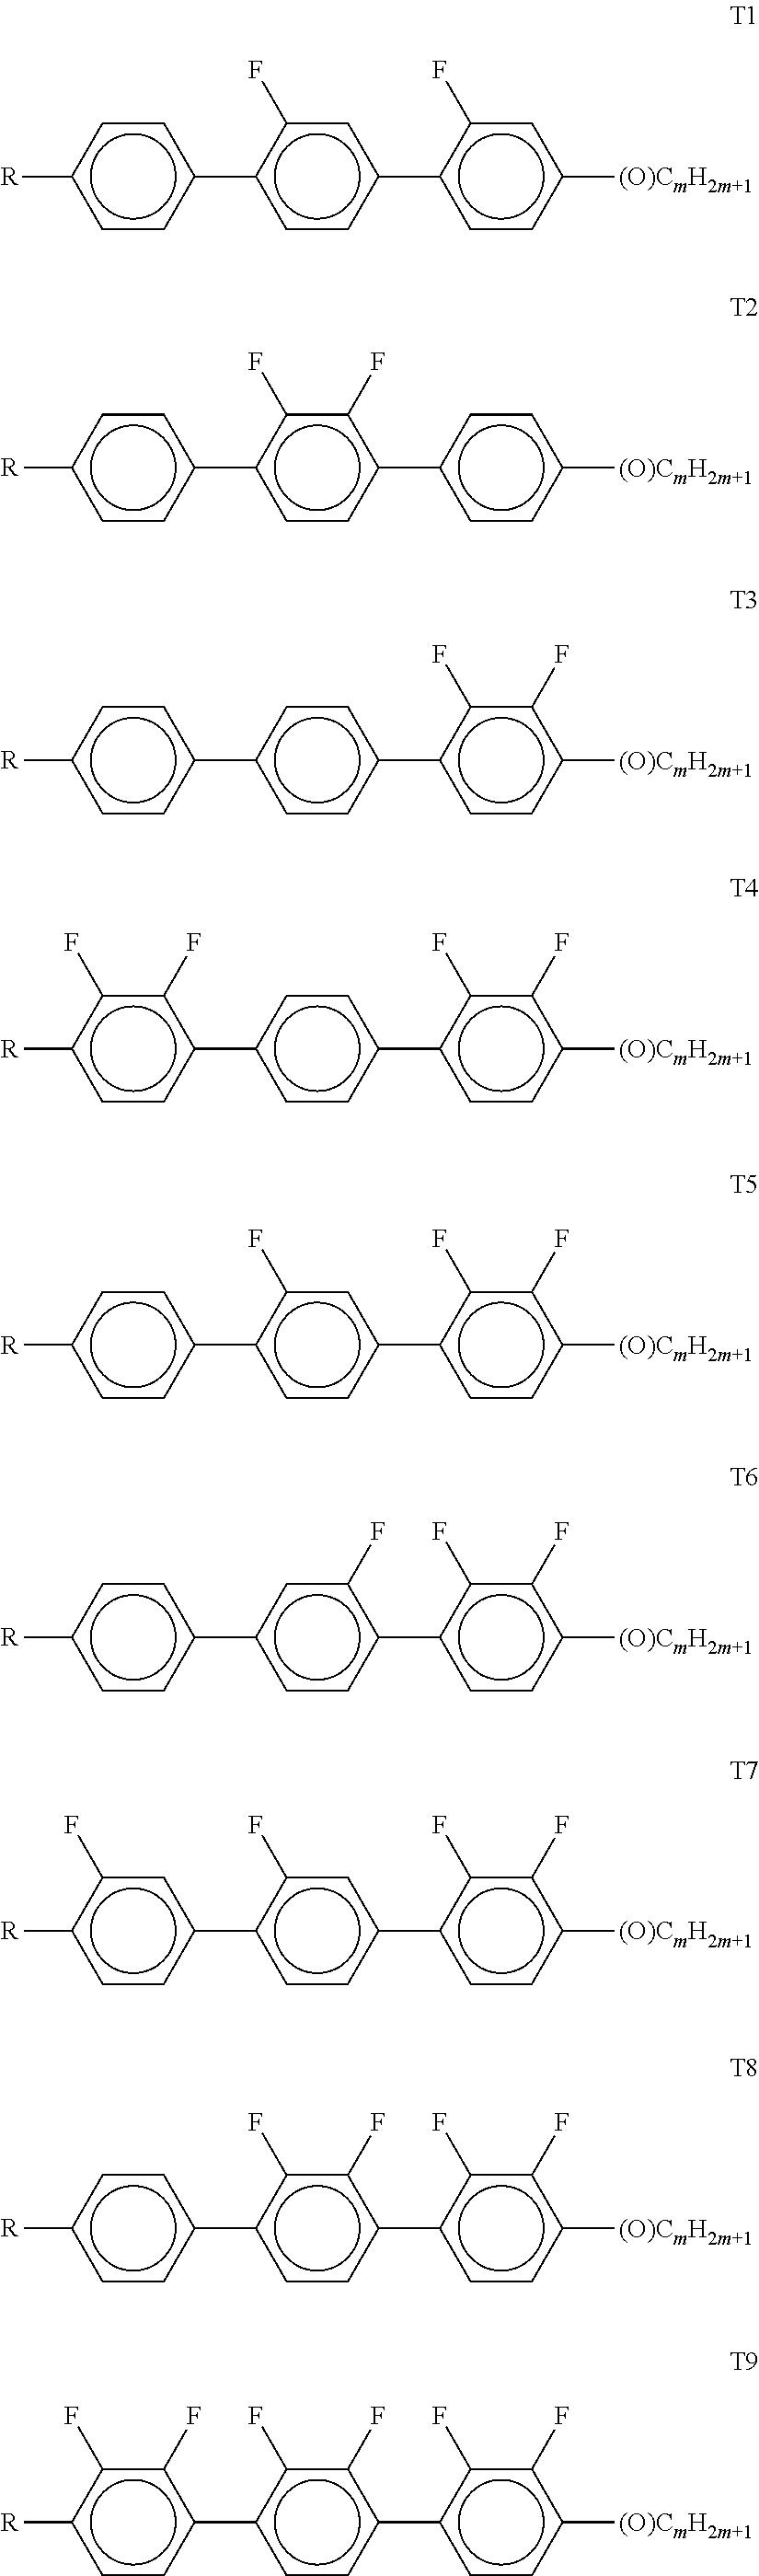 Figure US20110051049A1-20110303-C00040